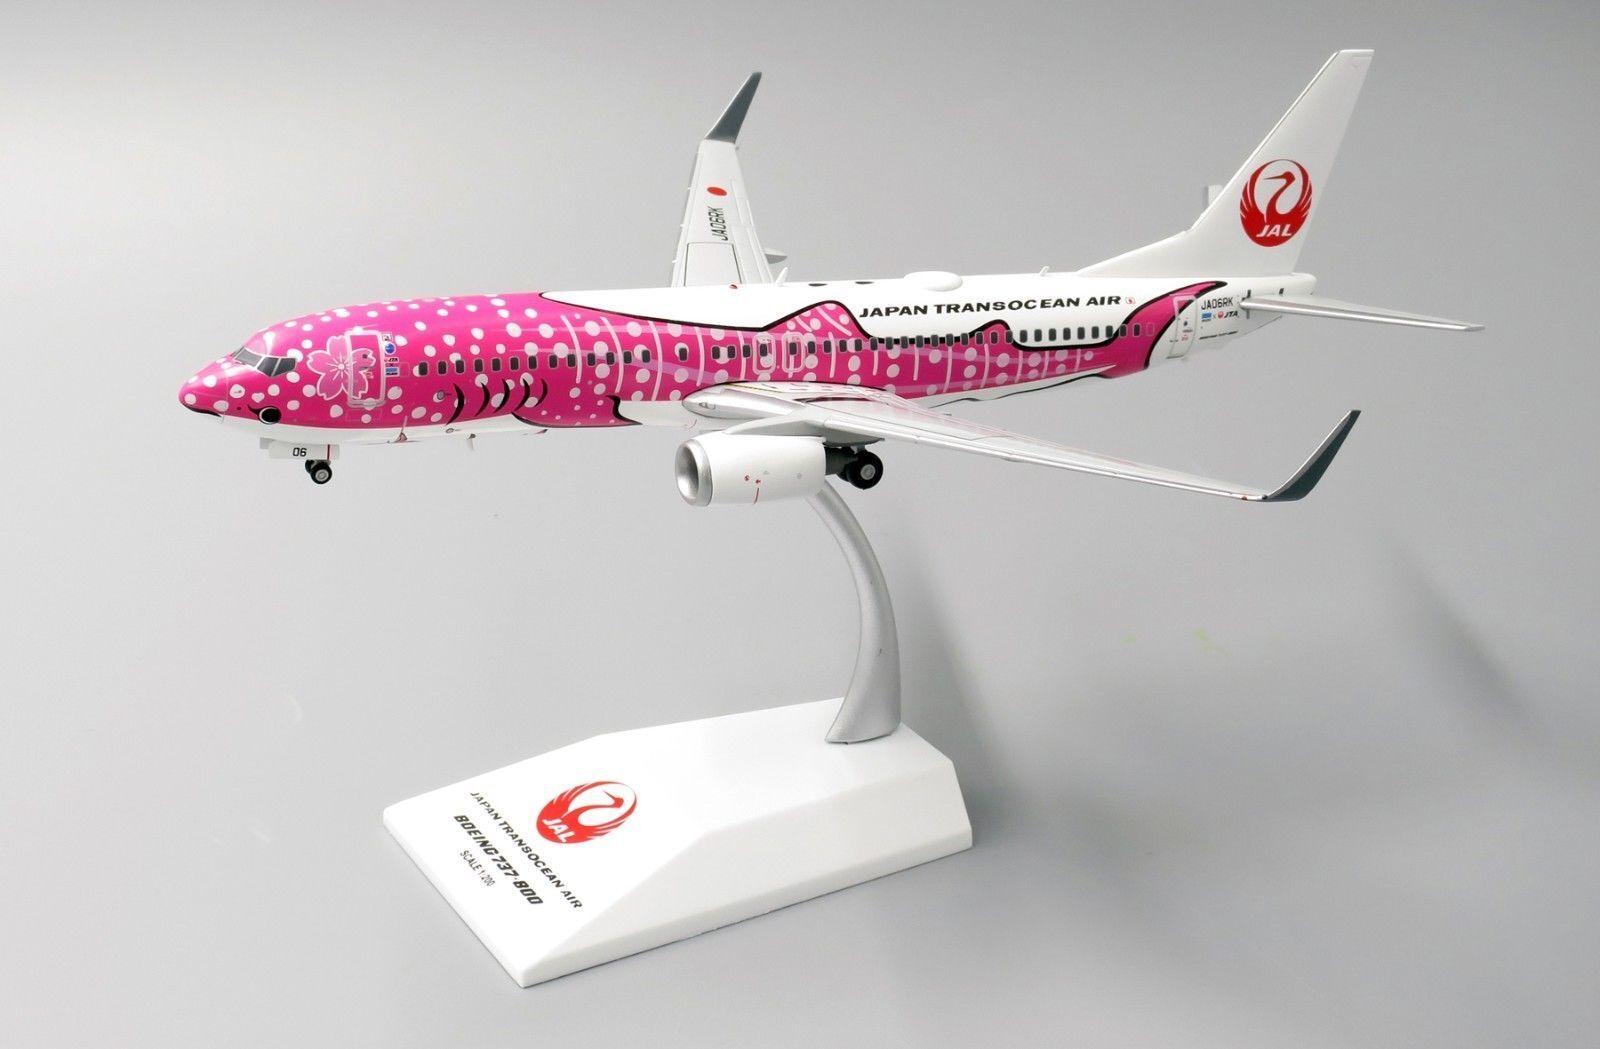 Jc Wings 1 200 Jal Japan Transocean Air Boeing B737-800w 'Sakura Jinbei' JA06RK